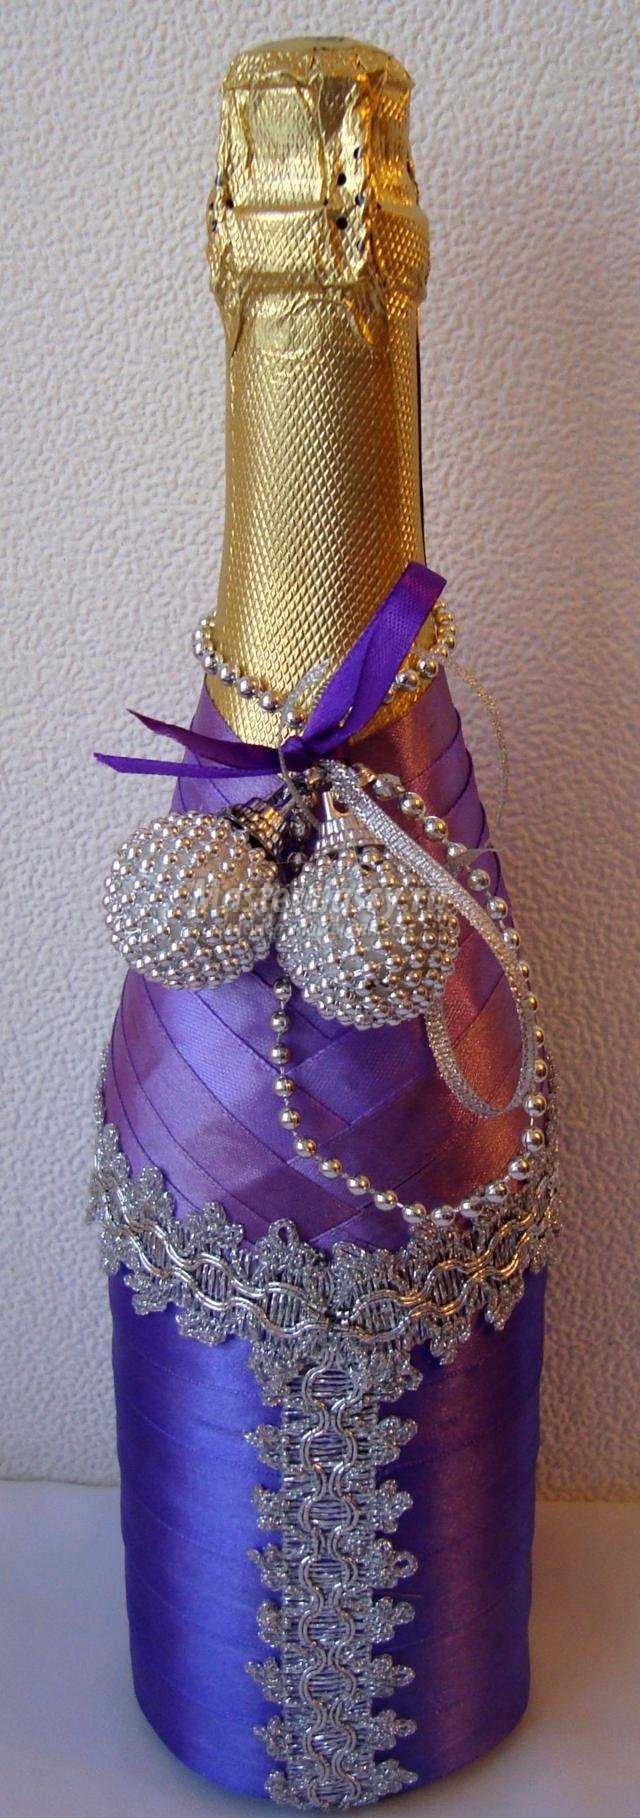 Елка на шампанское из лент своими руками